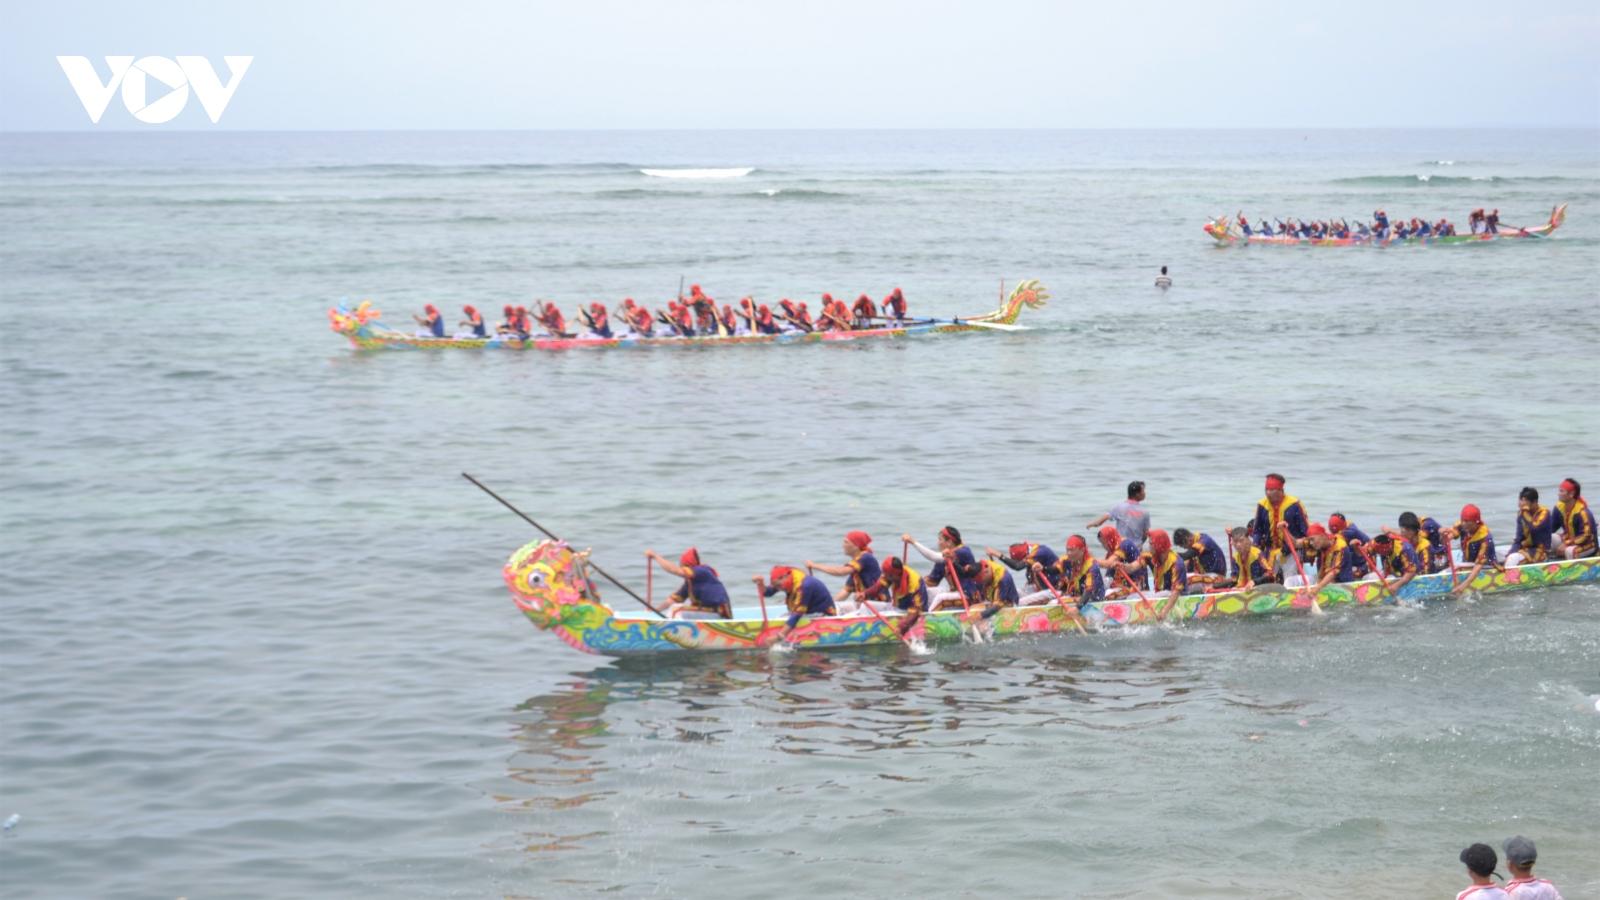 Lý Sơn đón bằng Di sản văn hóa phi vật thể quốc gia Lễ hội đua thuyền Tứ linh